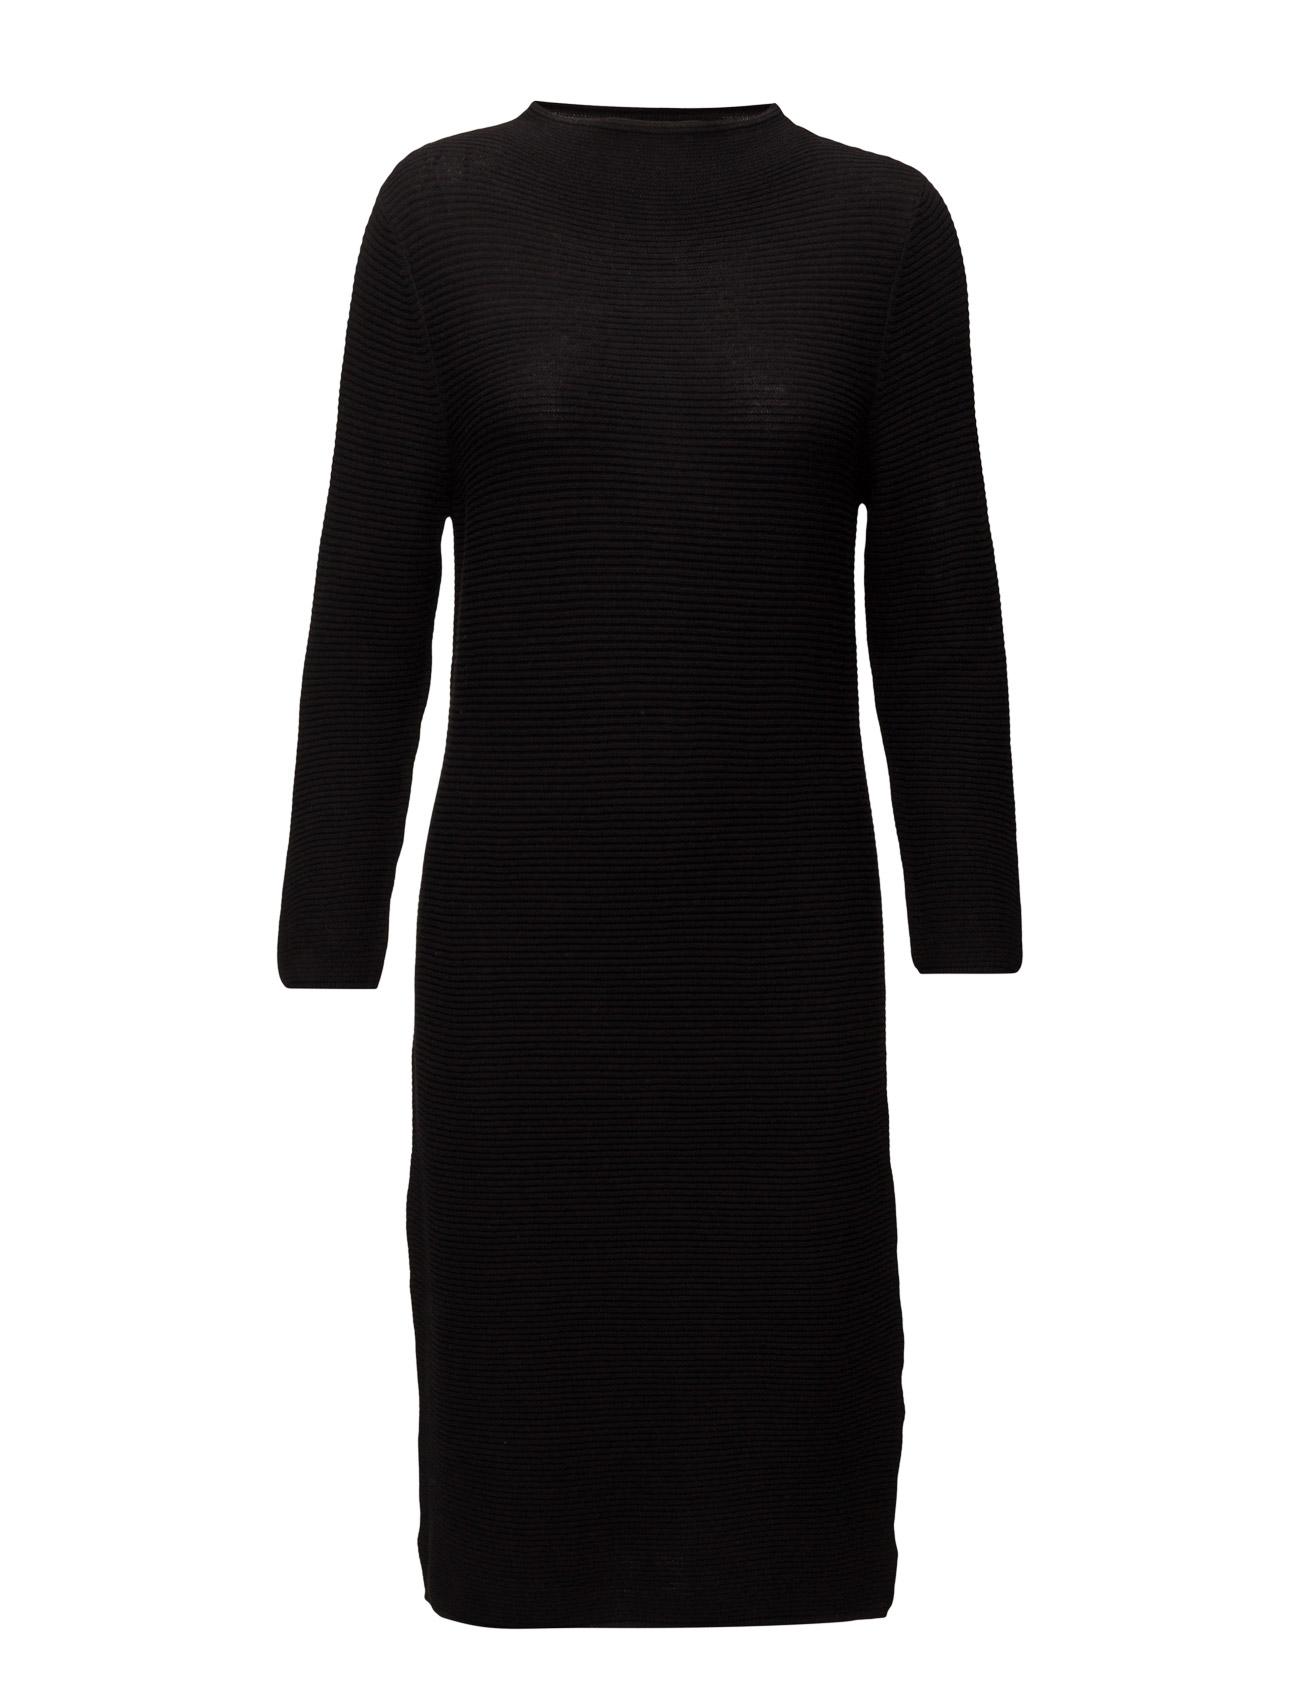 Dresses Flat Knitted Esprit Casual Striktøj til Damer i